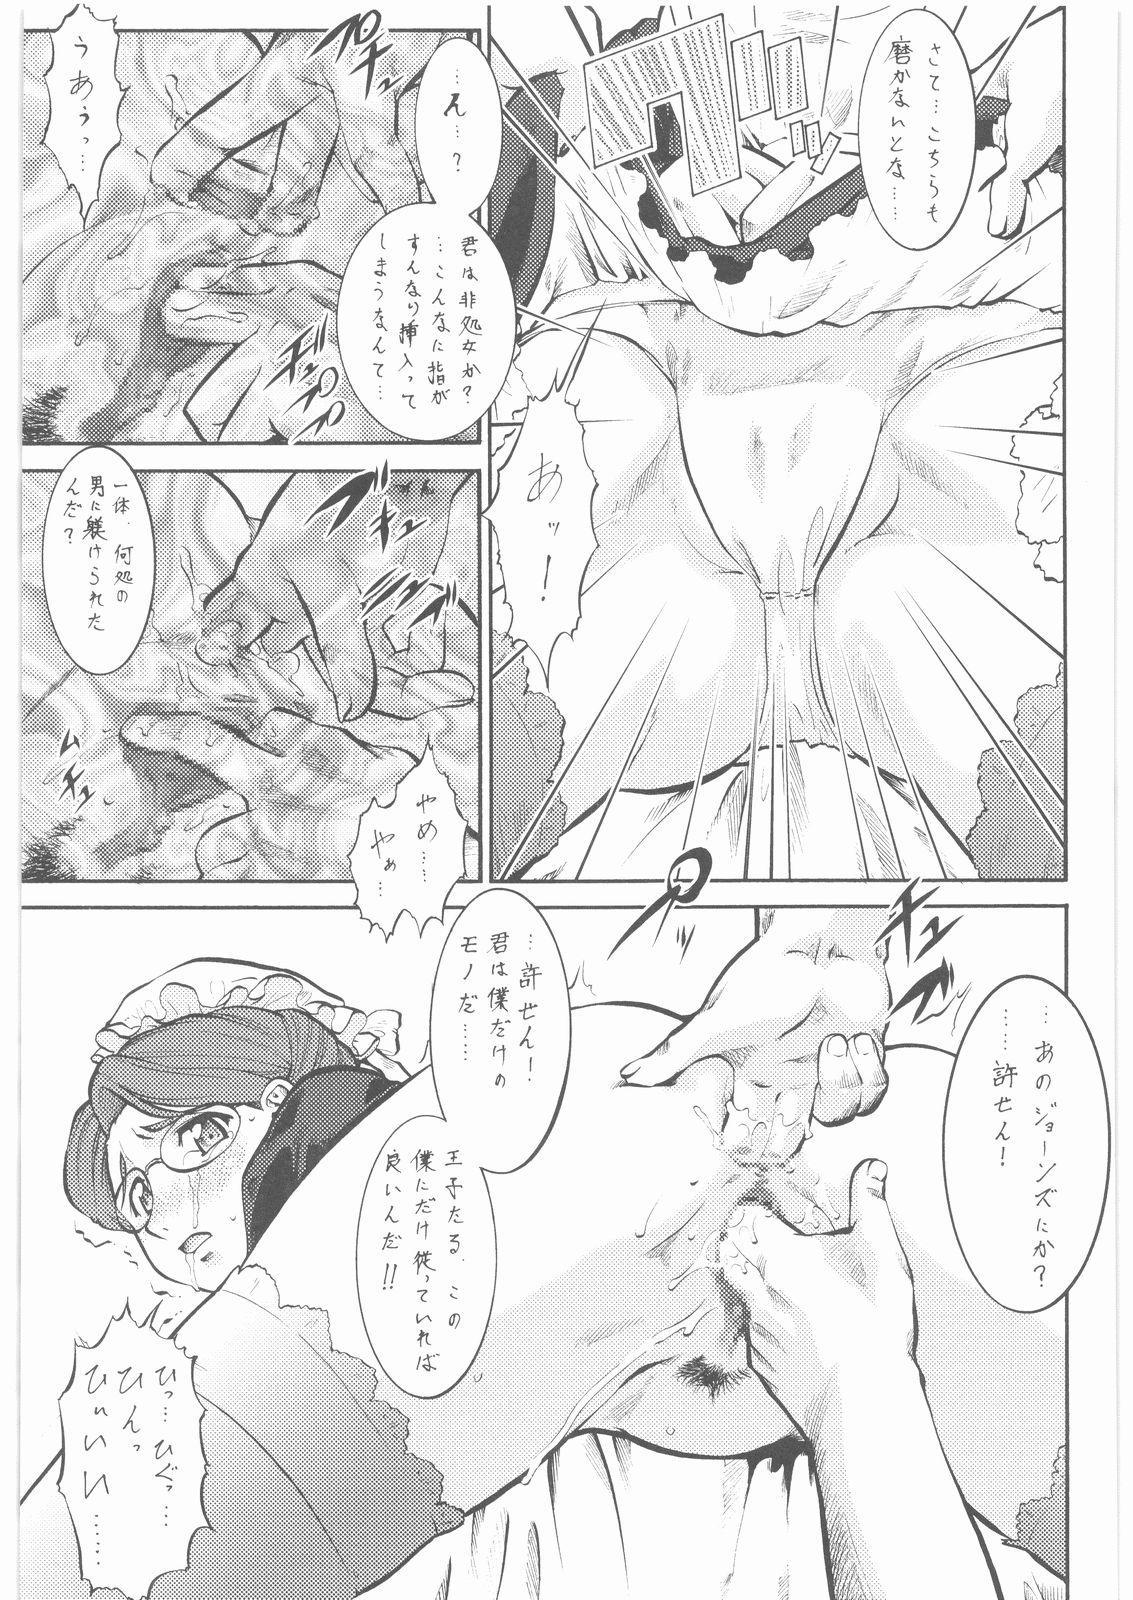 Umedamangashuu 12 Shito 85